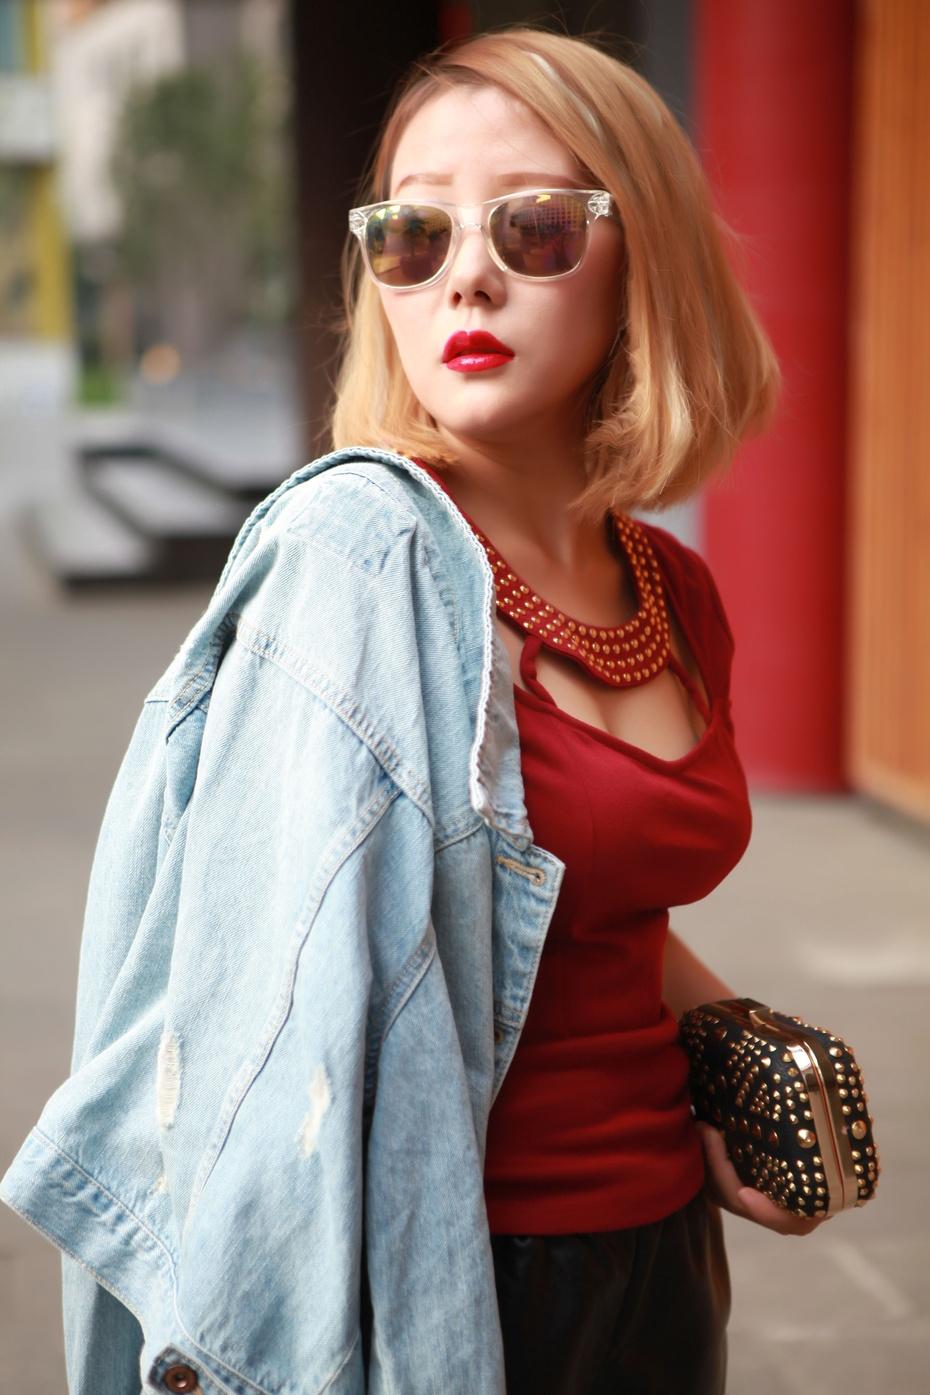 妖精边儿——华丽红唇唯有你阿玛尼臻致丝绒哑光唇釉 - heheweilong - 妖精边儿的博客